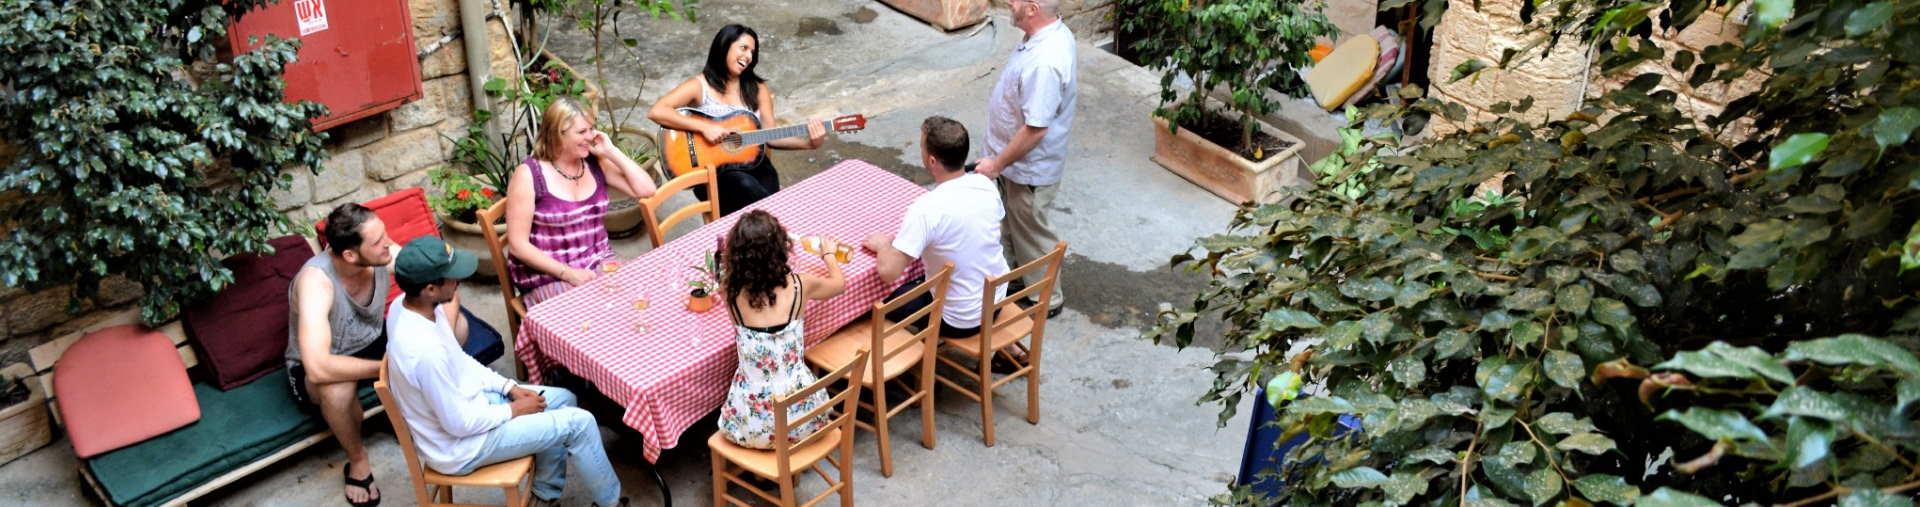 Experience Arab cuisine like a local